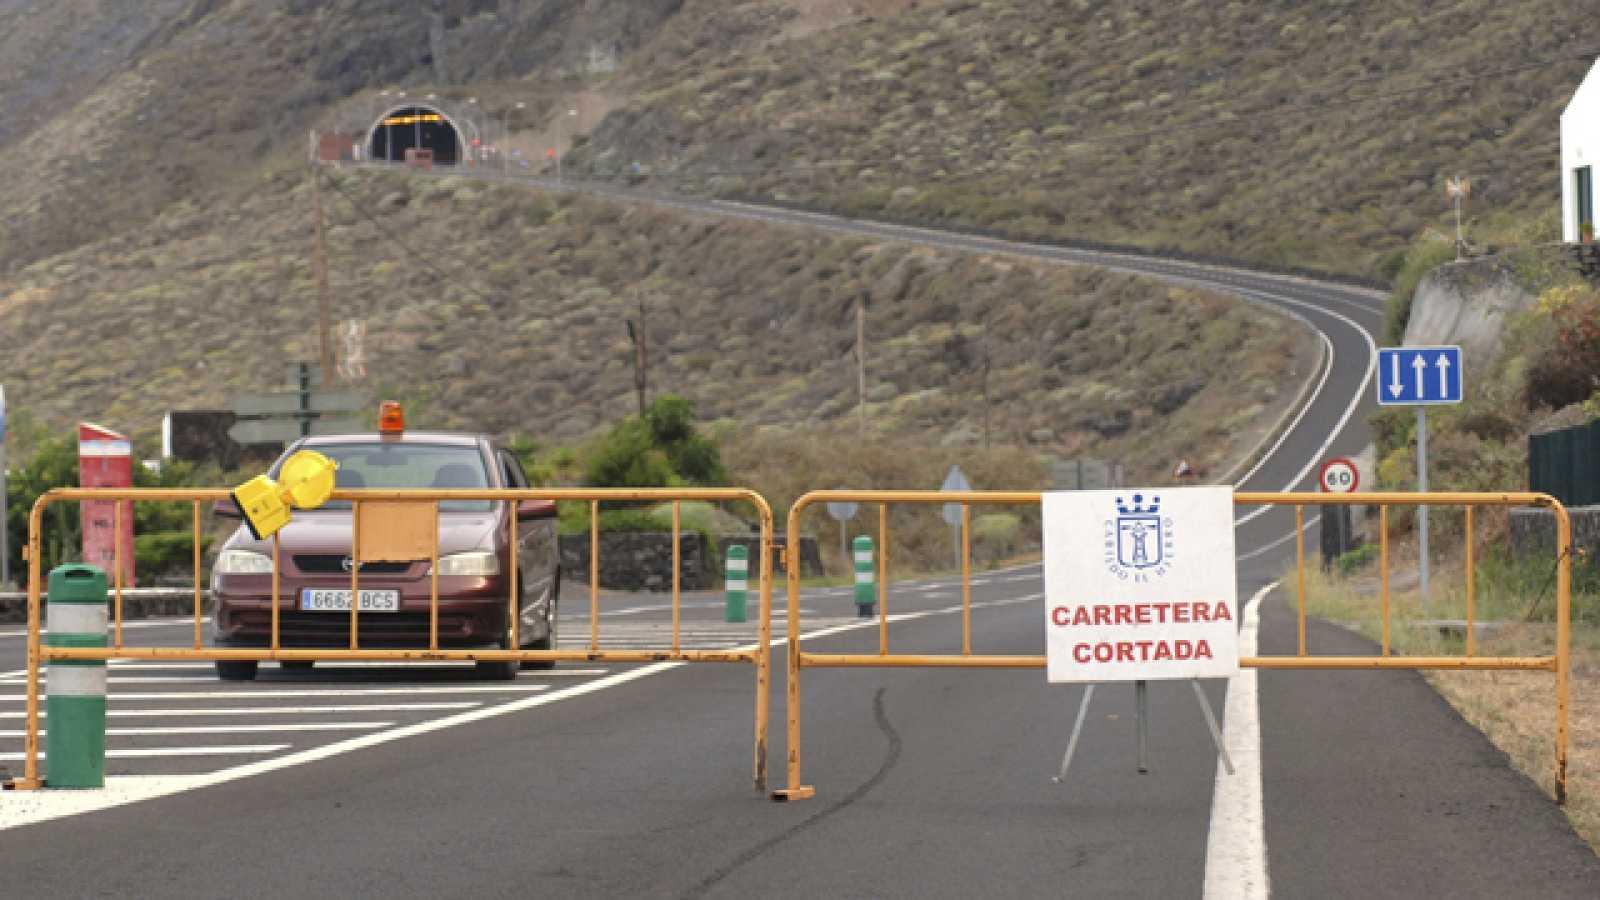 Las autoridades piden calma en la isla de El Hierro pese al nivel amarillo de riesgo sísmico